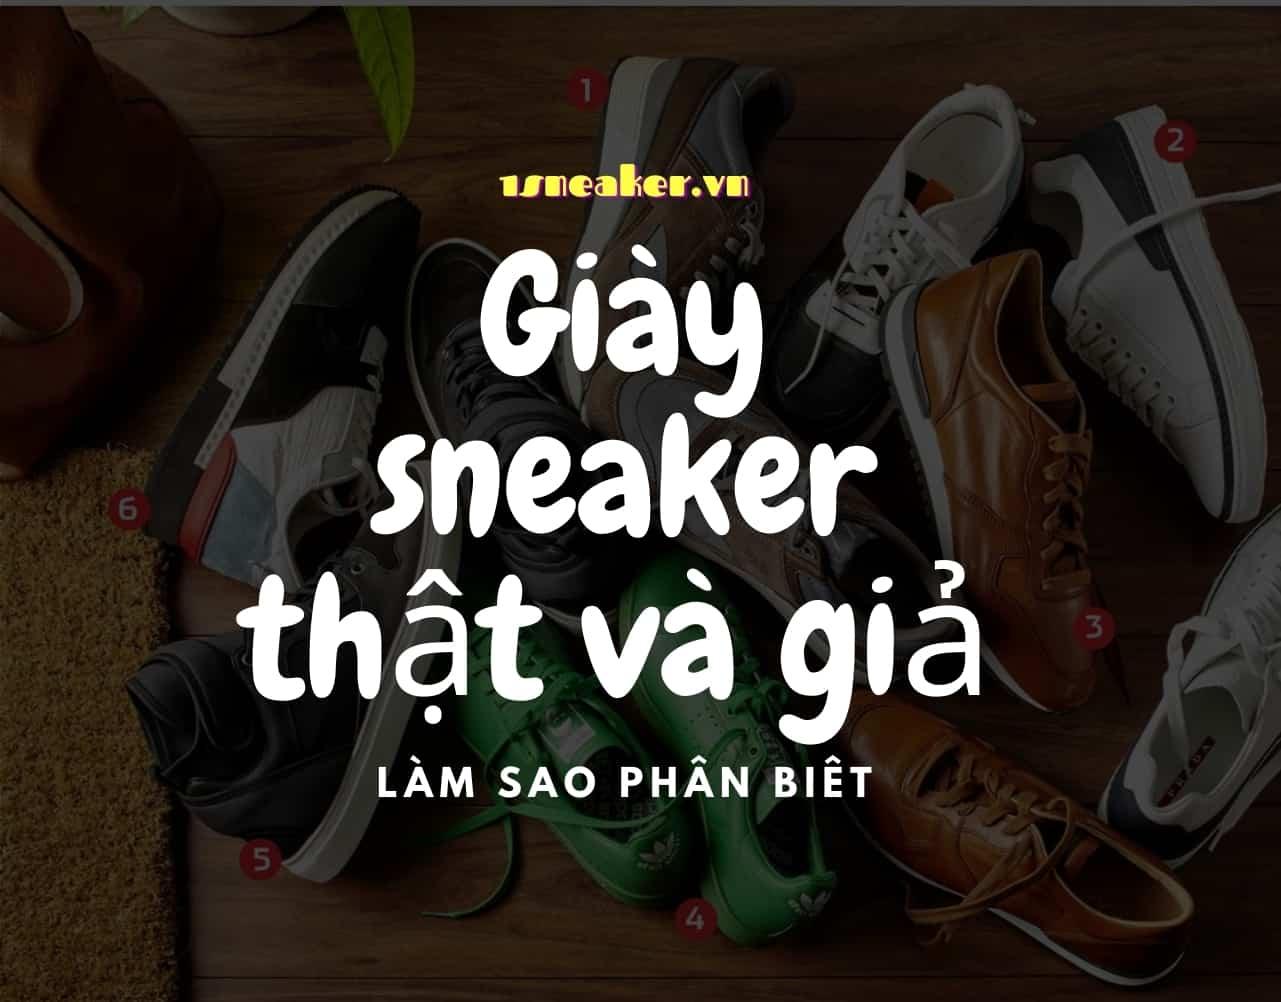 giay sneaker that va gia